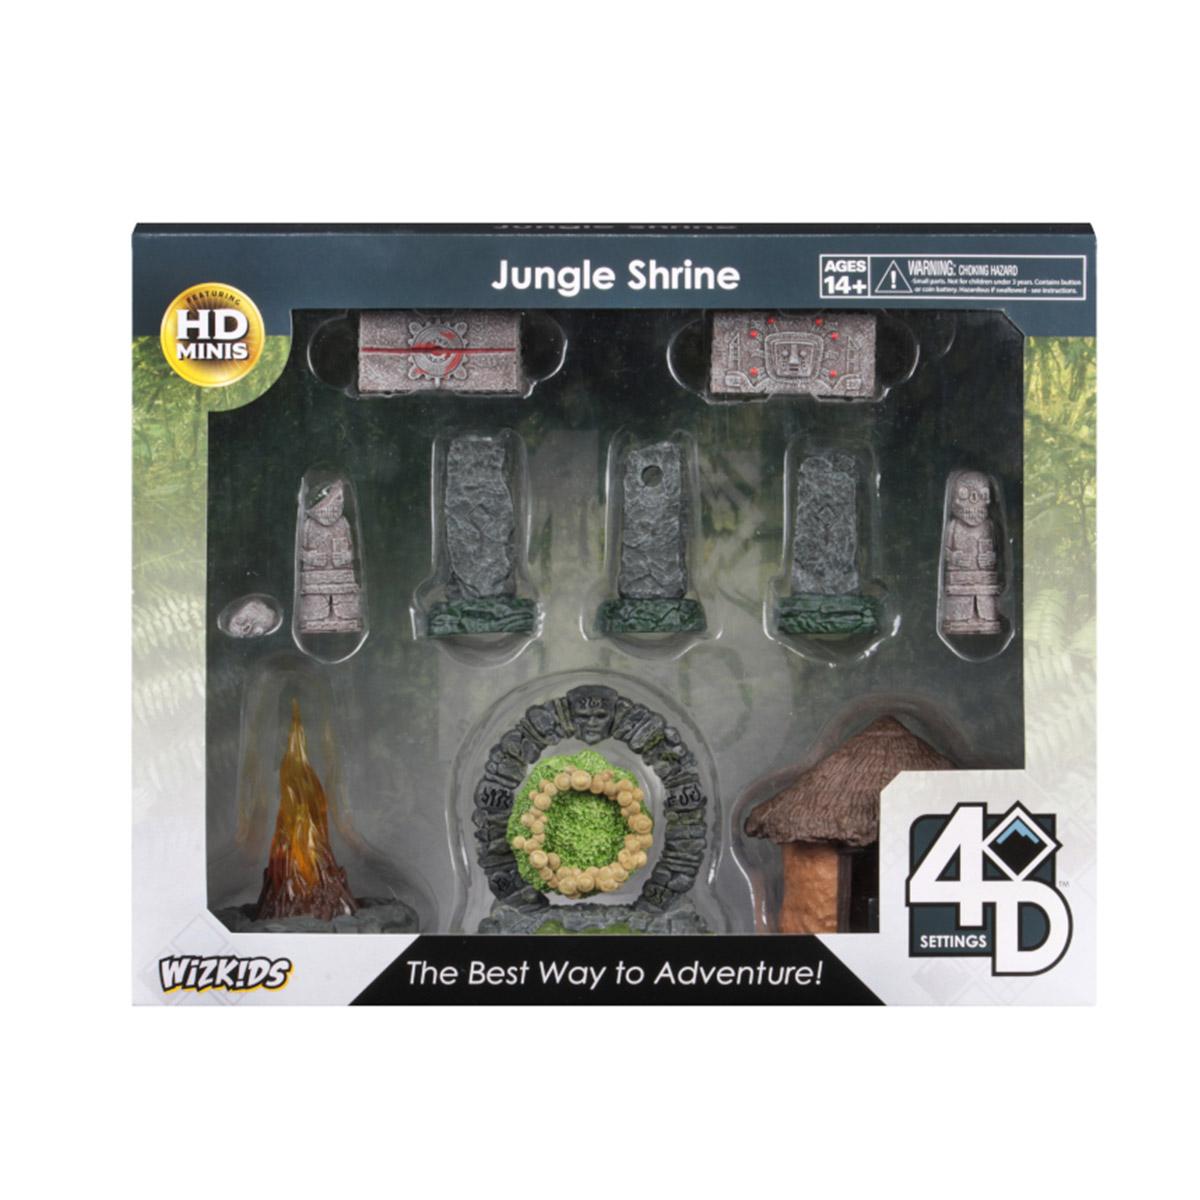 4D Settings: Jungle Shrine